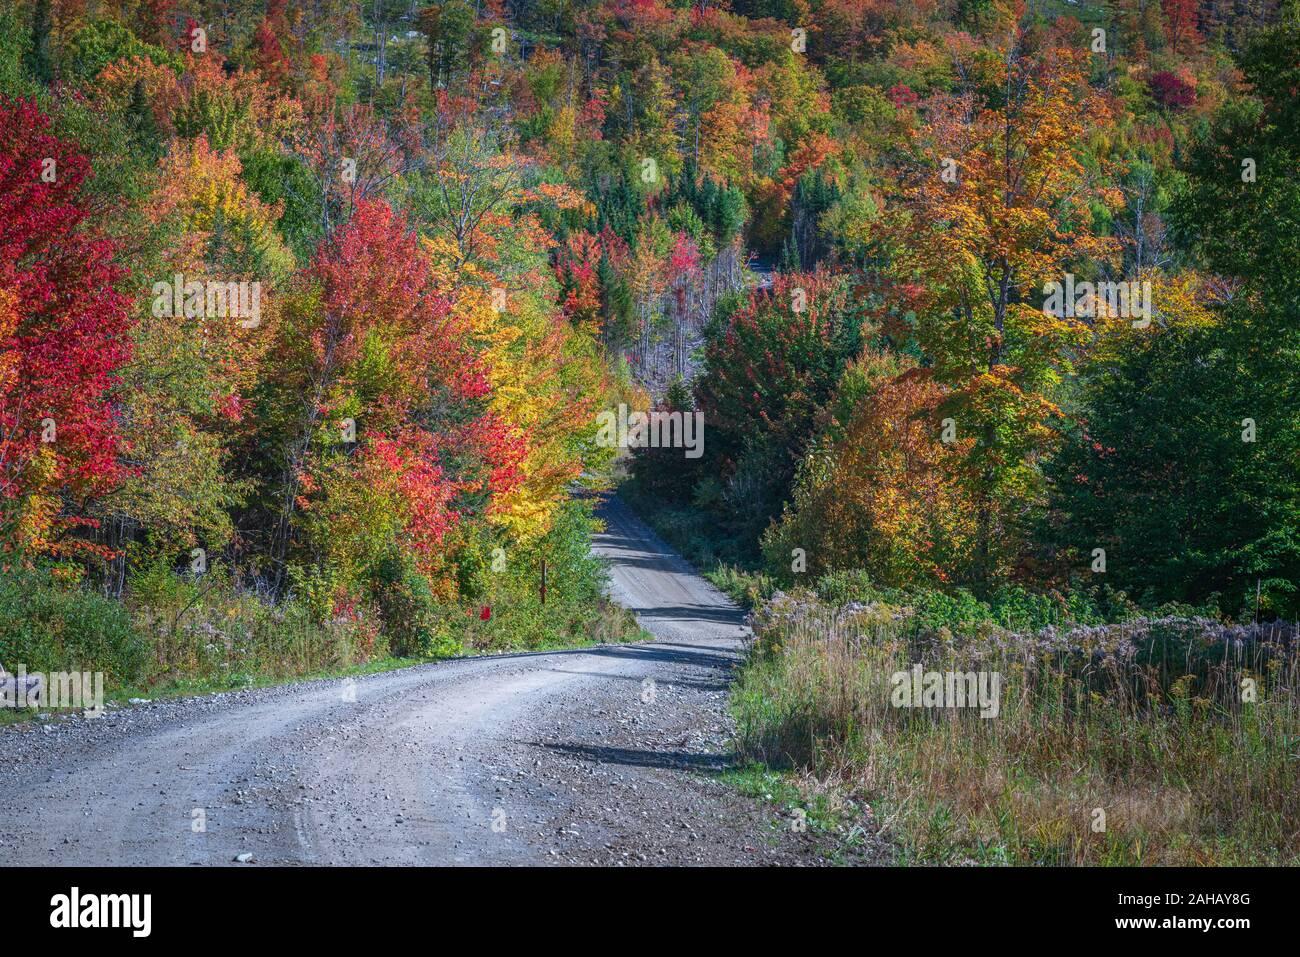 Una curva strada di ghiaia led dow una collina in un colorato di foreste di montagna. Foto Stock